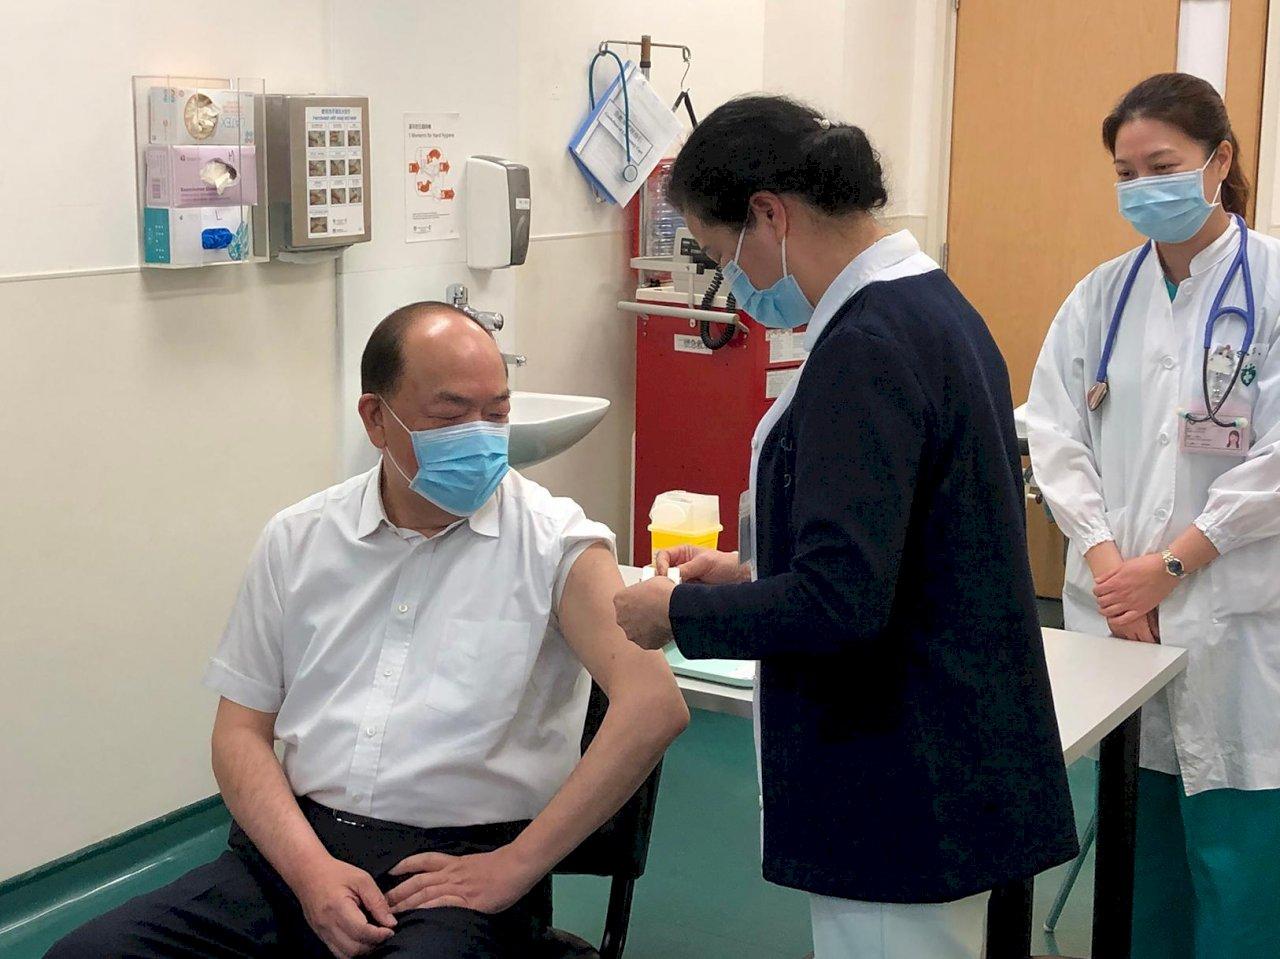 澳門開始施打疫苗 特首賀一誠接種第一劑